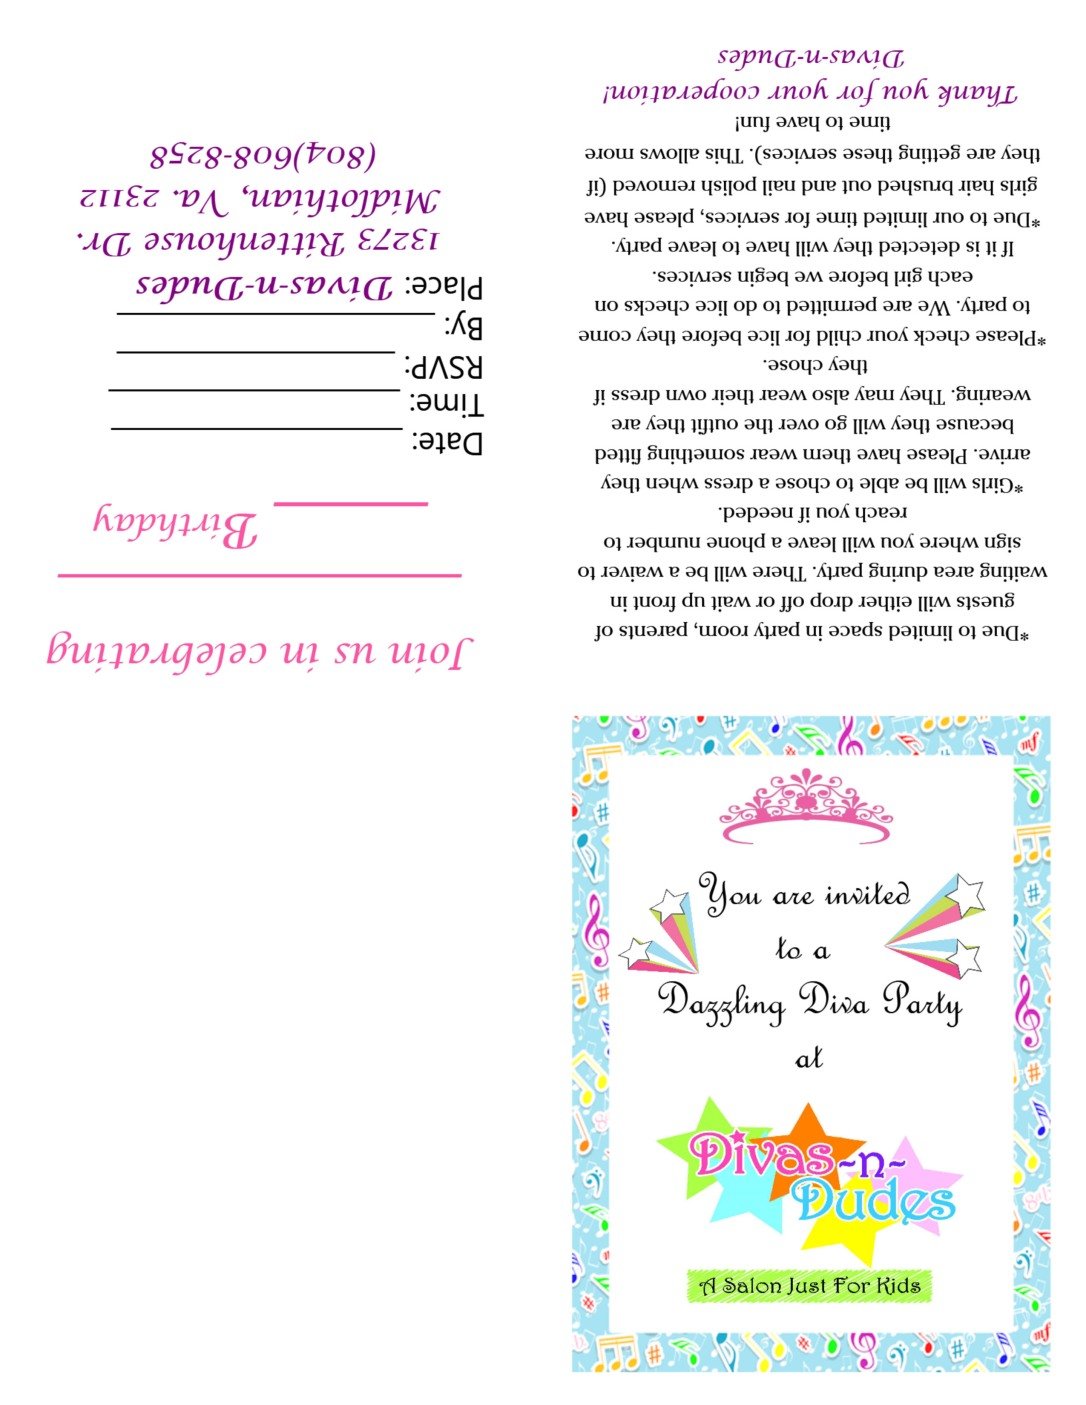 Dazzling Diva Invite